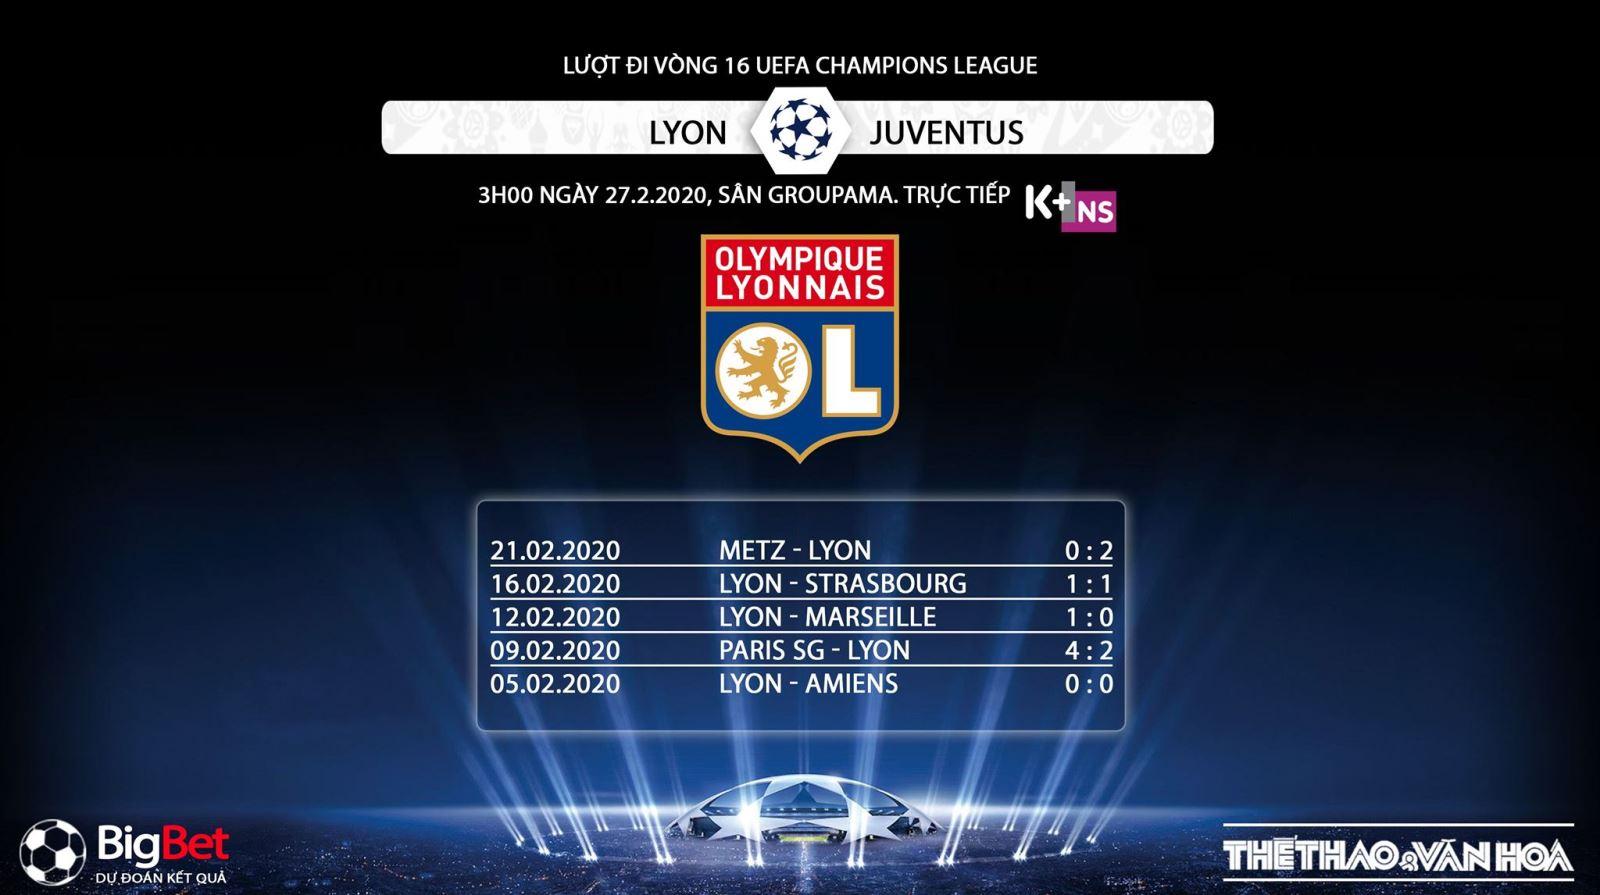 Lyon vs Juventus, Cúp C1, Champions League, trực tiếp Lyon vs Juventus, nhaja, Juve, K+PC, K+PM, lịch thi đấu, trực tiếp bóng đá